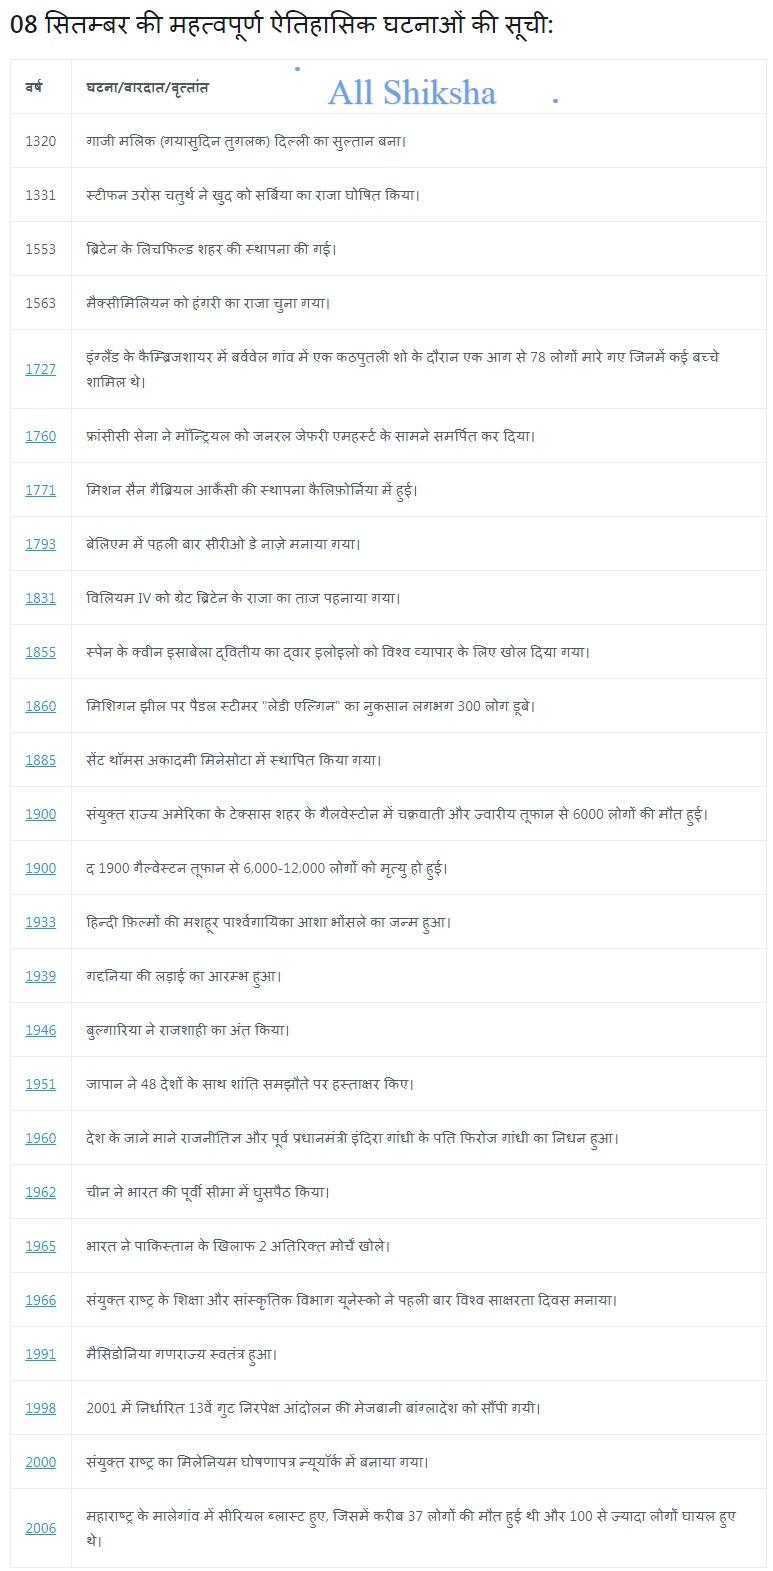 History of 08 September